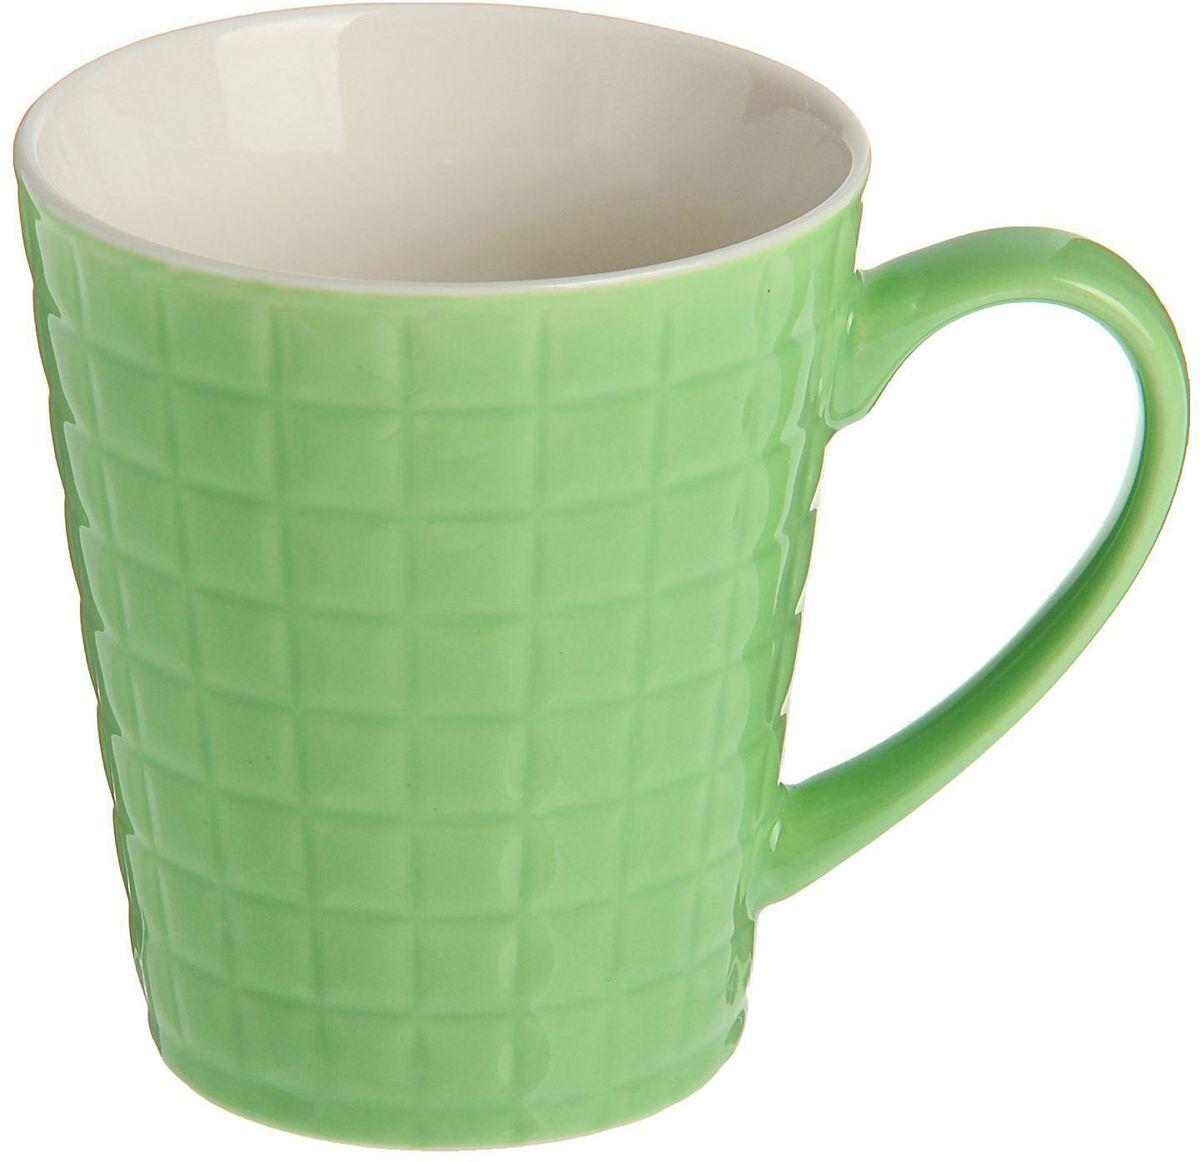 Кружка Доляна Квадрат, цвет: зеленый, 320 мл1625308Кружка Доляна Квадрат изготовлена из керамики. Корпус украшен квадратами.Кружка станет отличным подарком для родных и близких. Это любимый аксессуар на долгие годы. Относитесь к изделию бережно, и оно будет дарить прекрасное настроение каждый день.